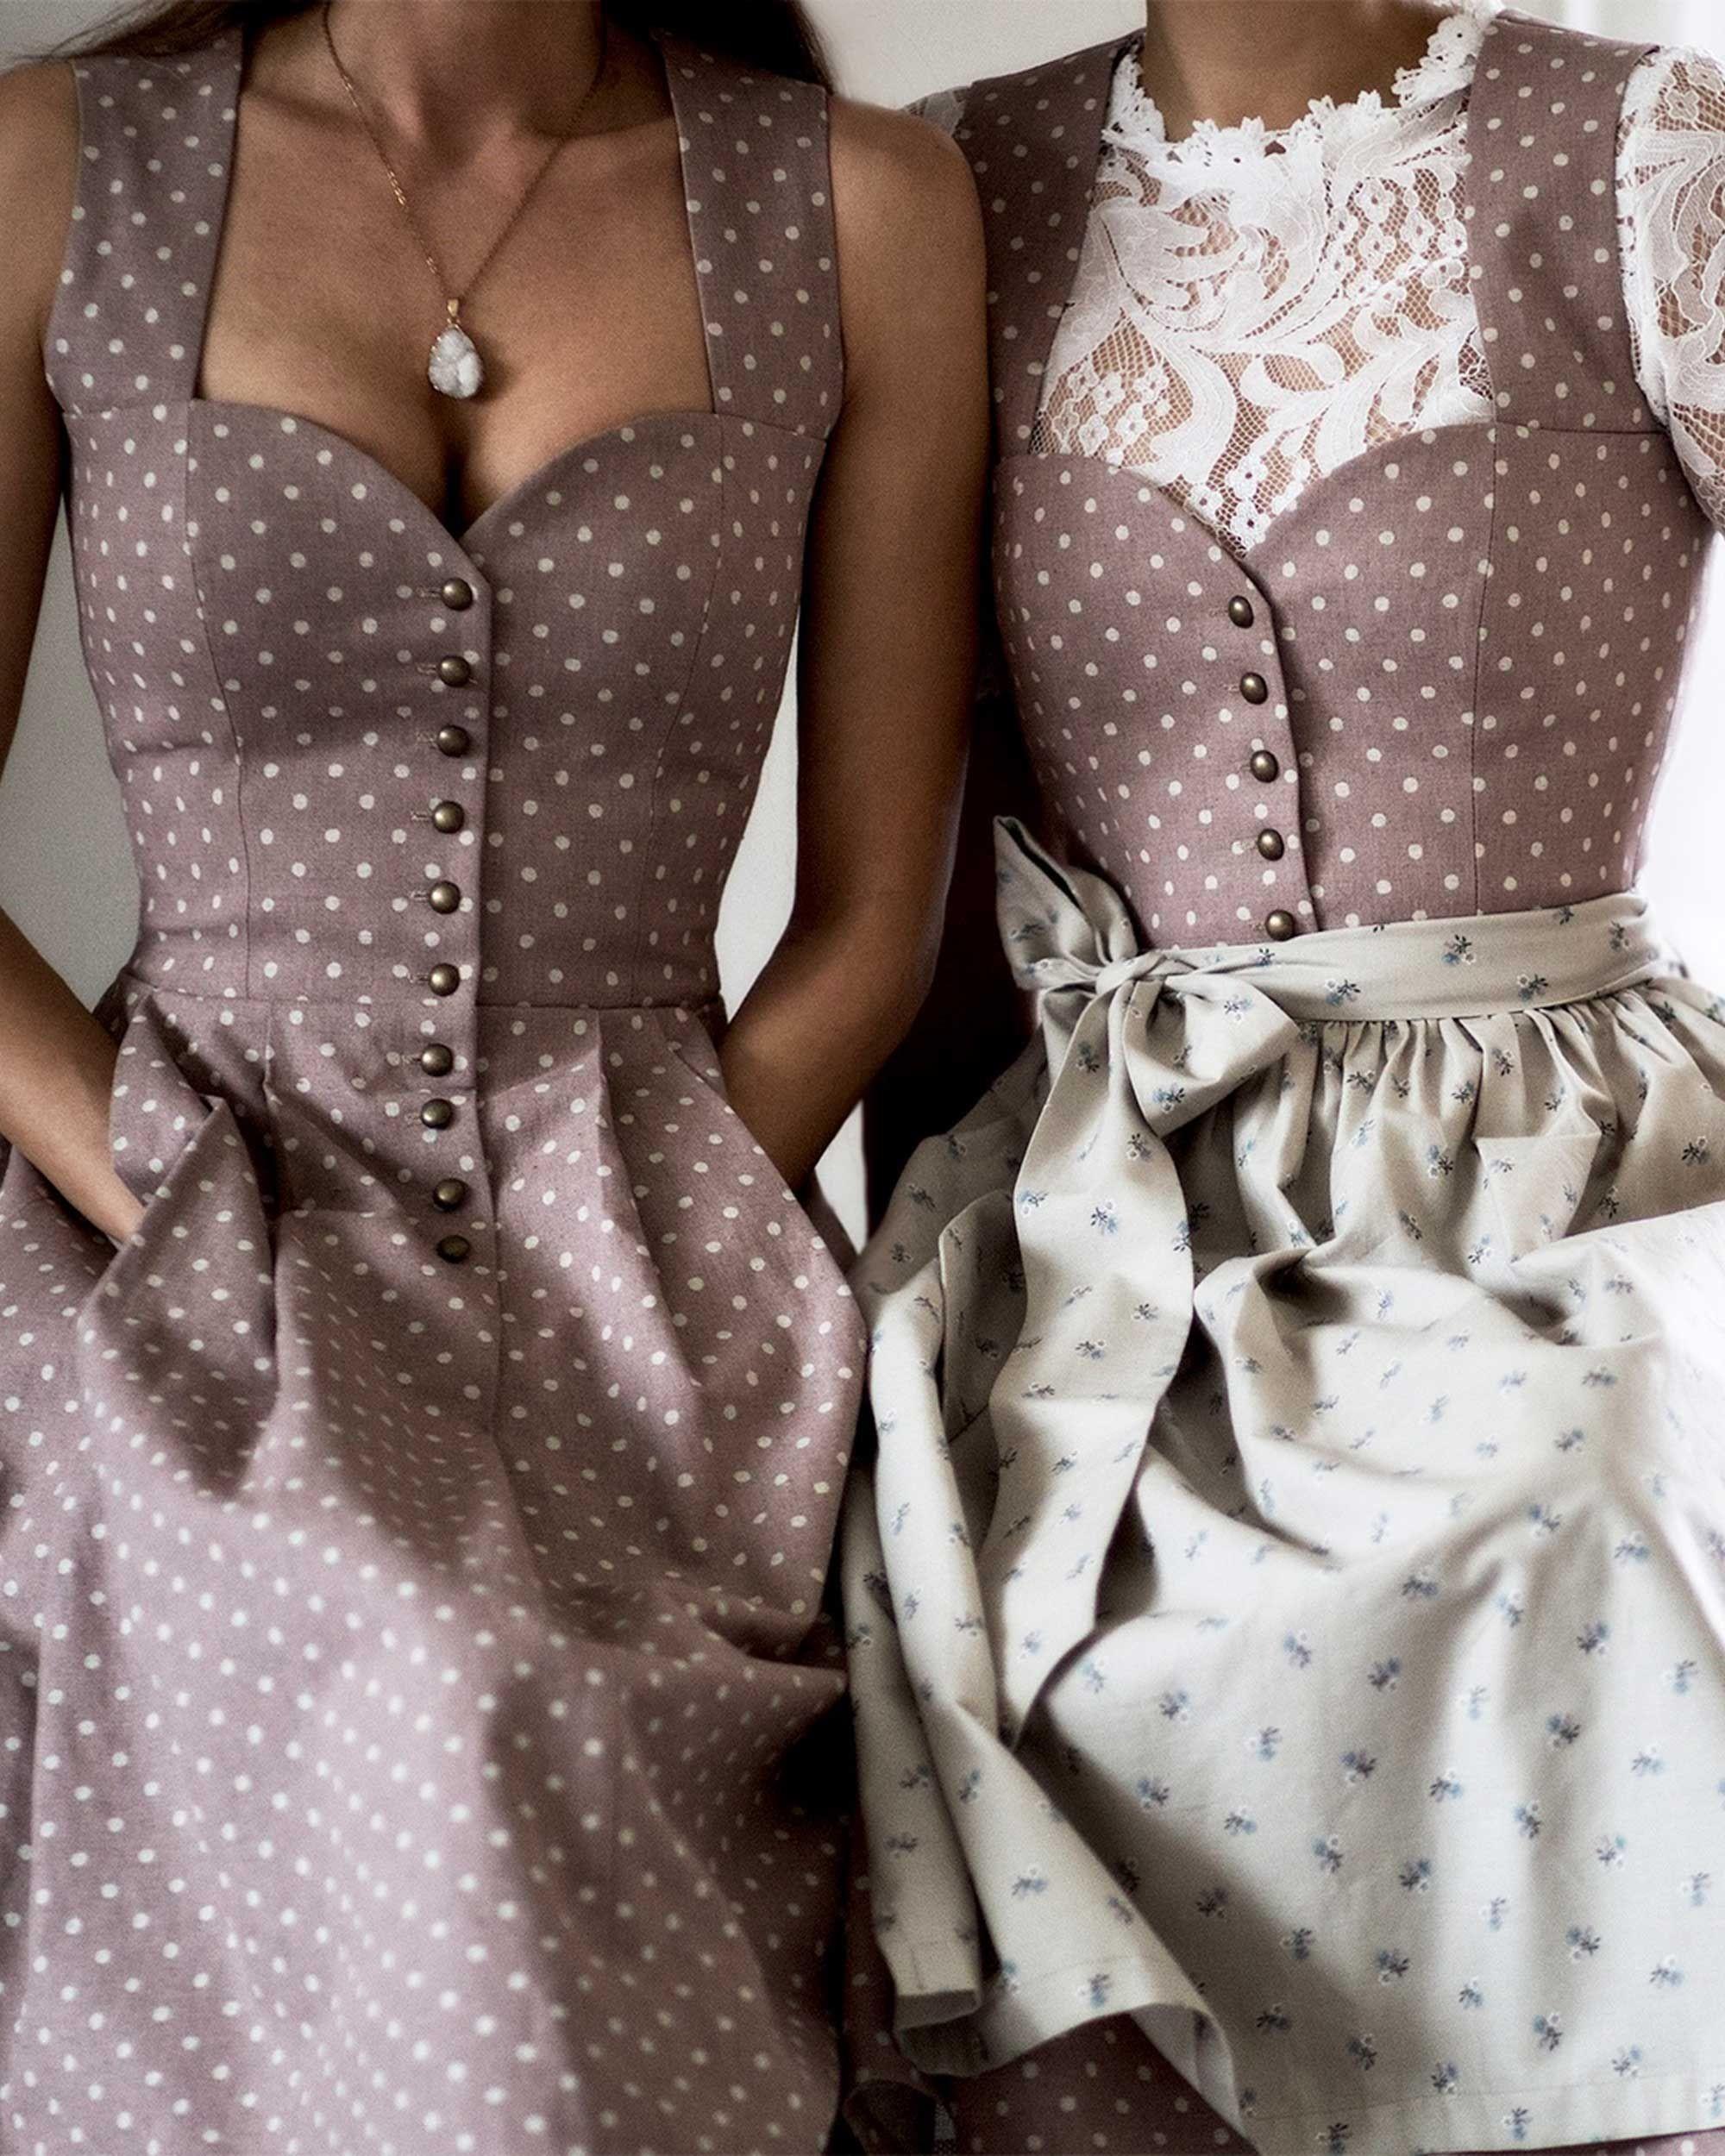 Одежда, которая идеально подчеркивает грудь